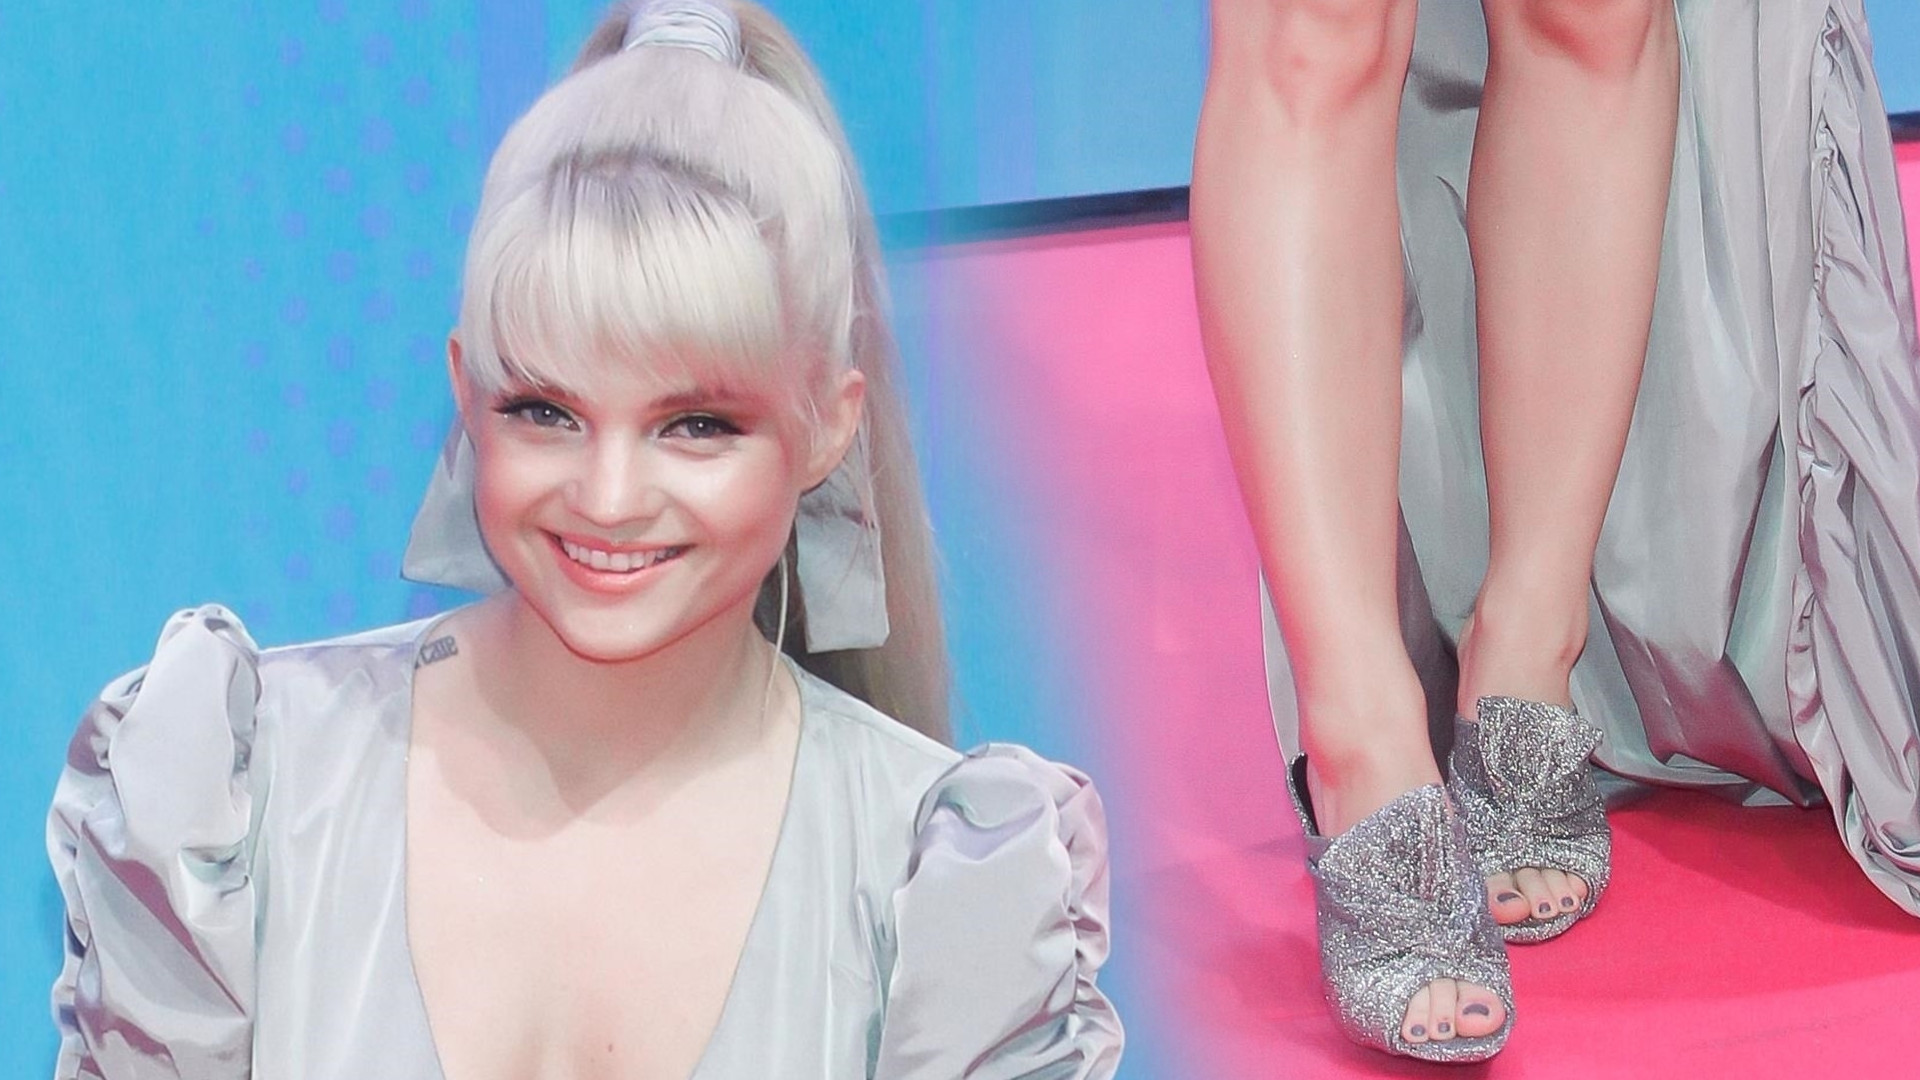 Margaret na MTV EMA wyglądała LEPIEJ niż zagraniczne gwiazdy? (ZDJĘCIA)